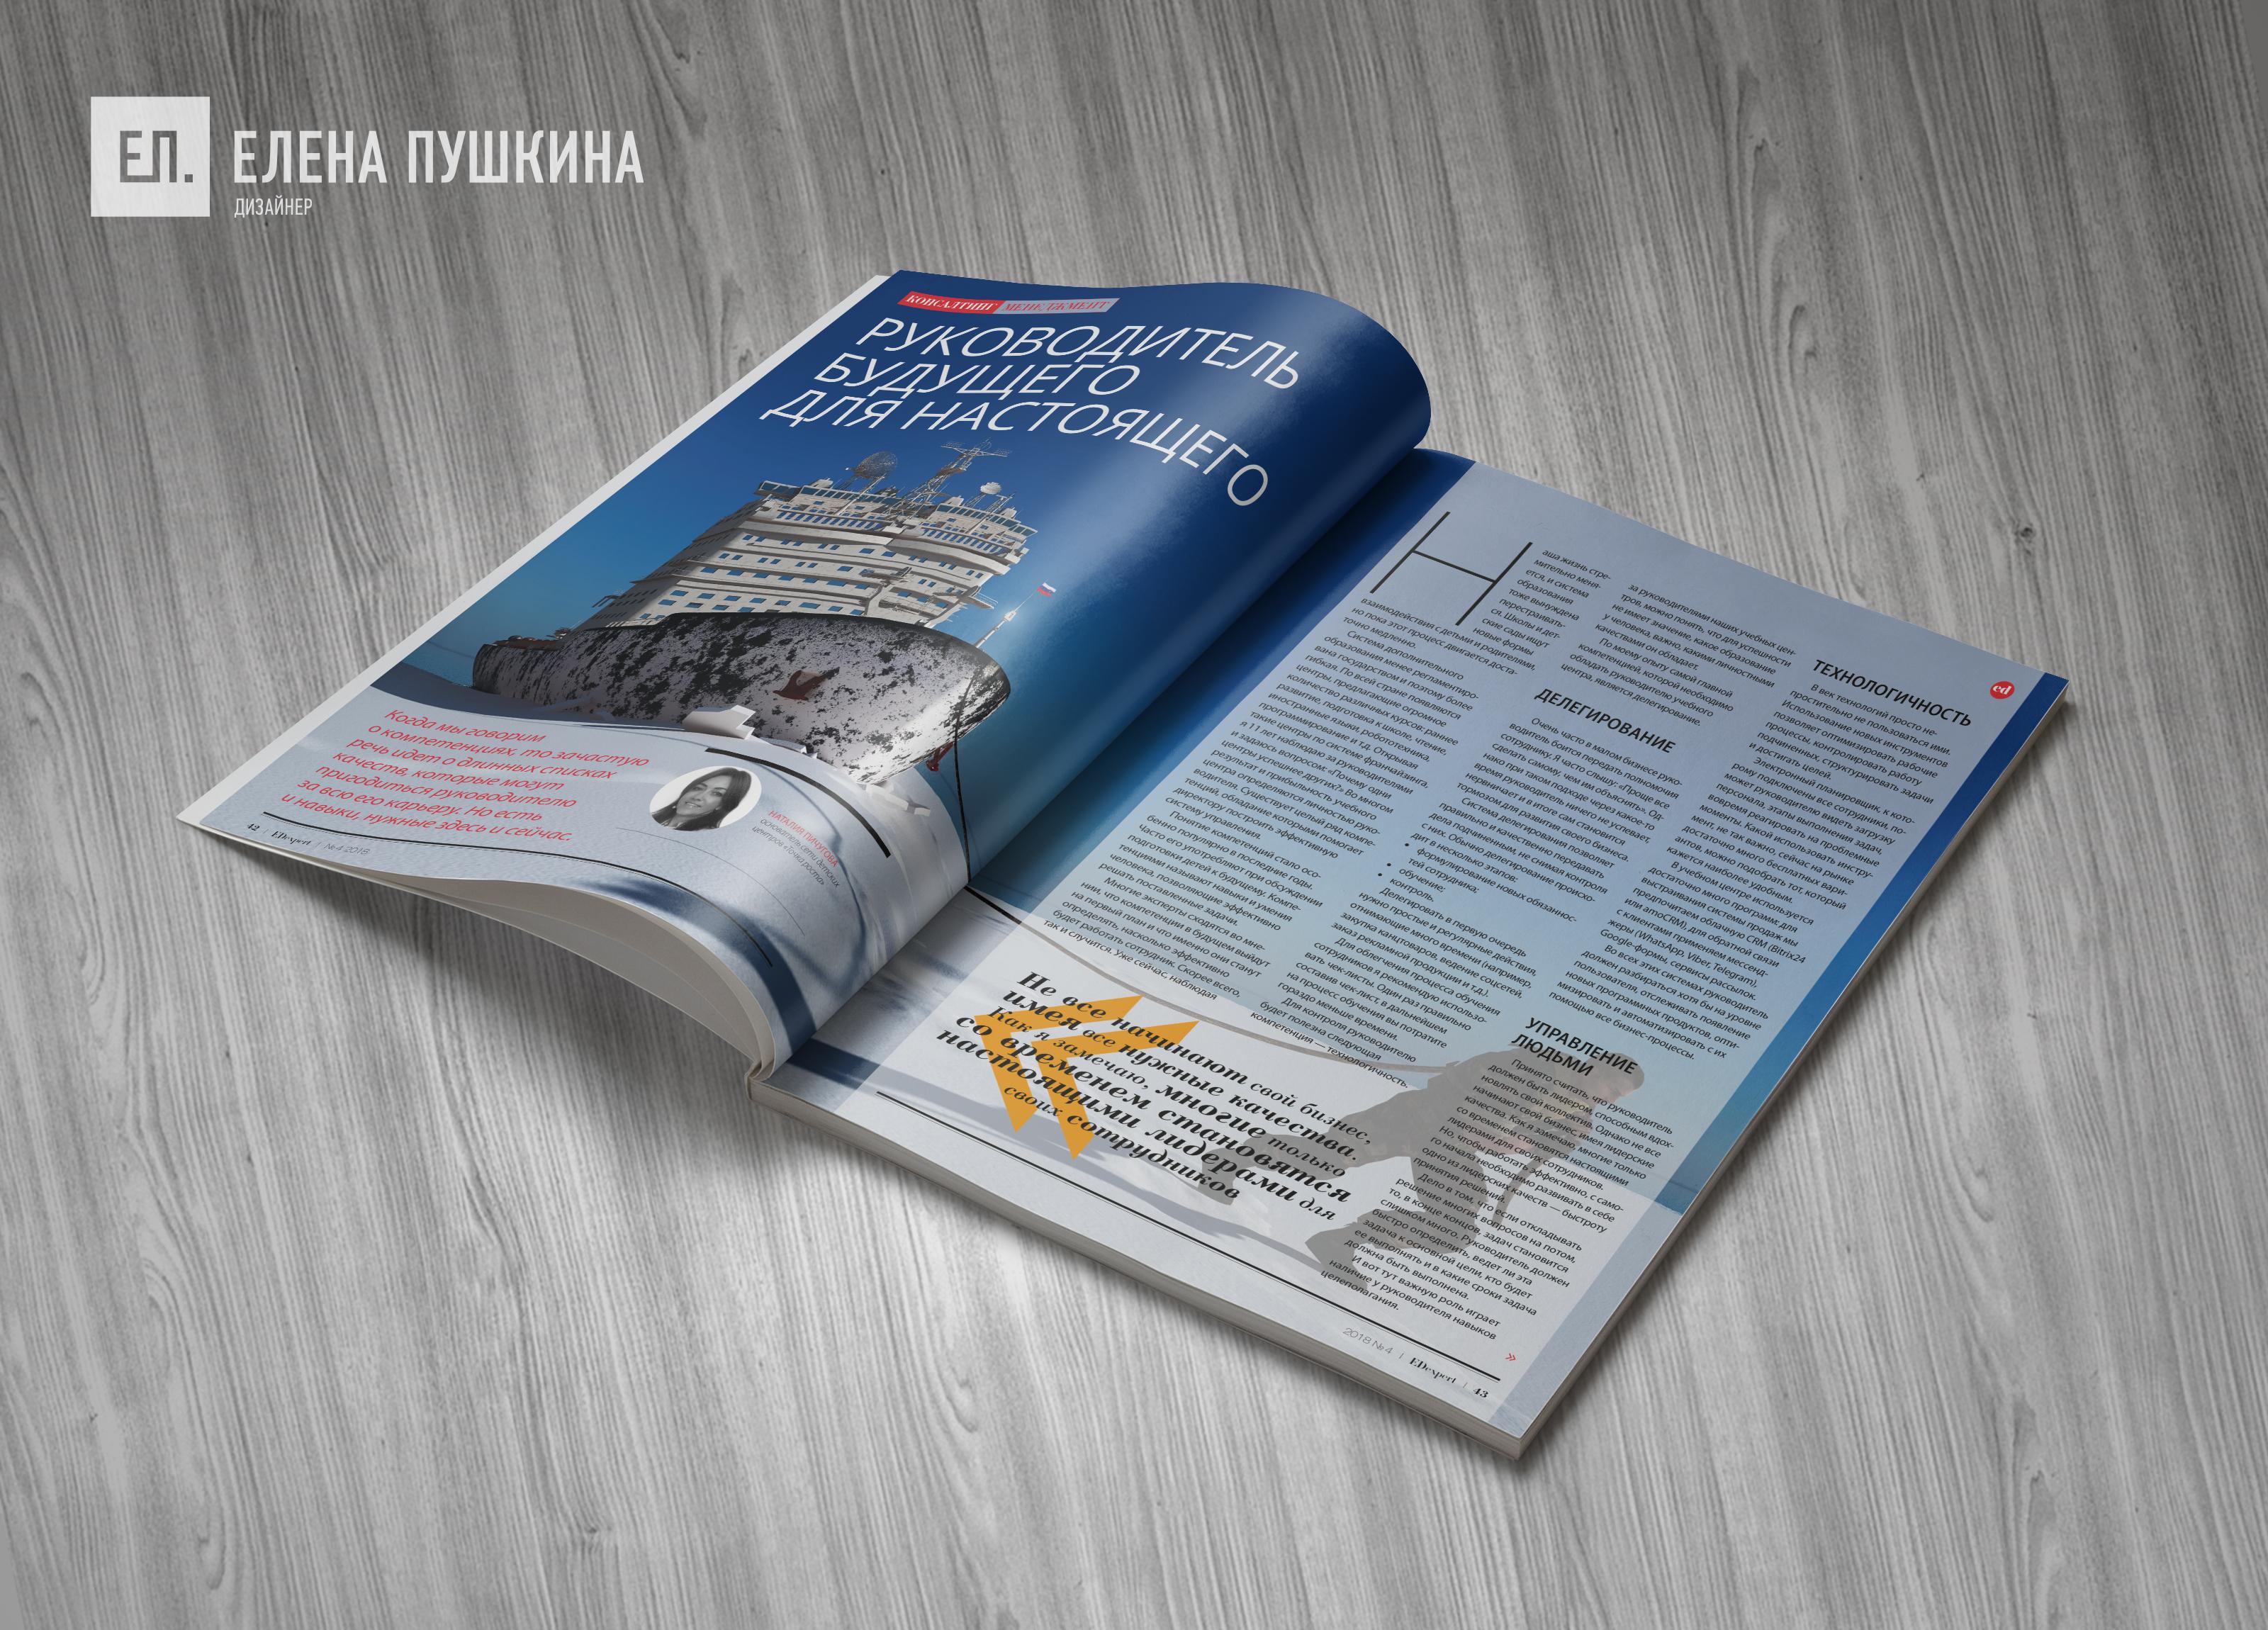 Журнал «EDexpert» №4 апрель 2018— разработка с«нуля» логотипа, обложки, макета ивёрстка журнала Разработка журналов Портфолио